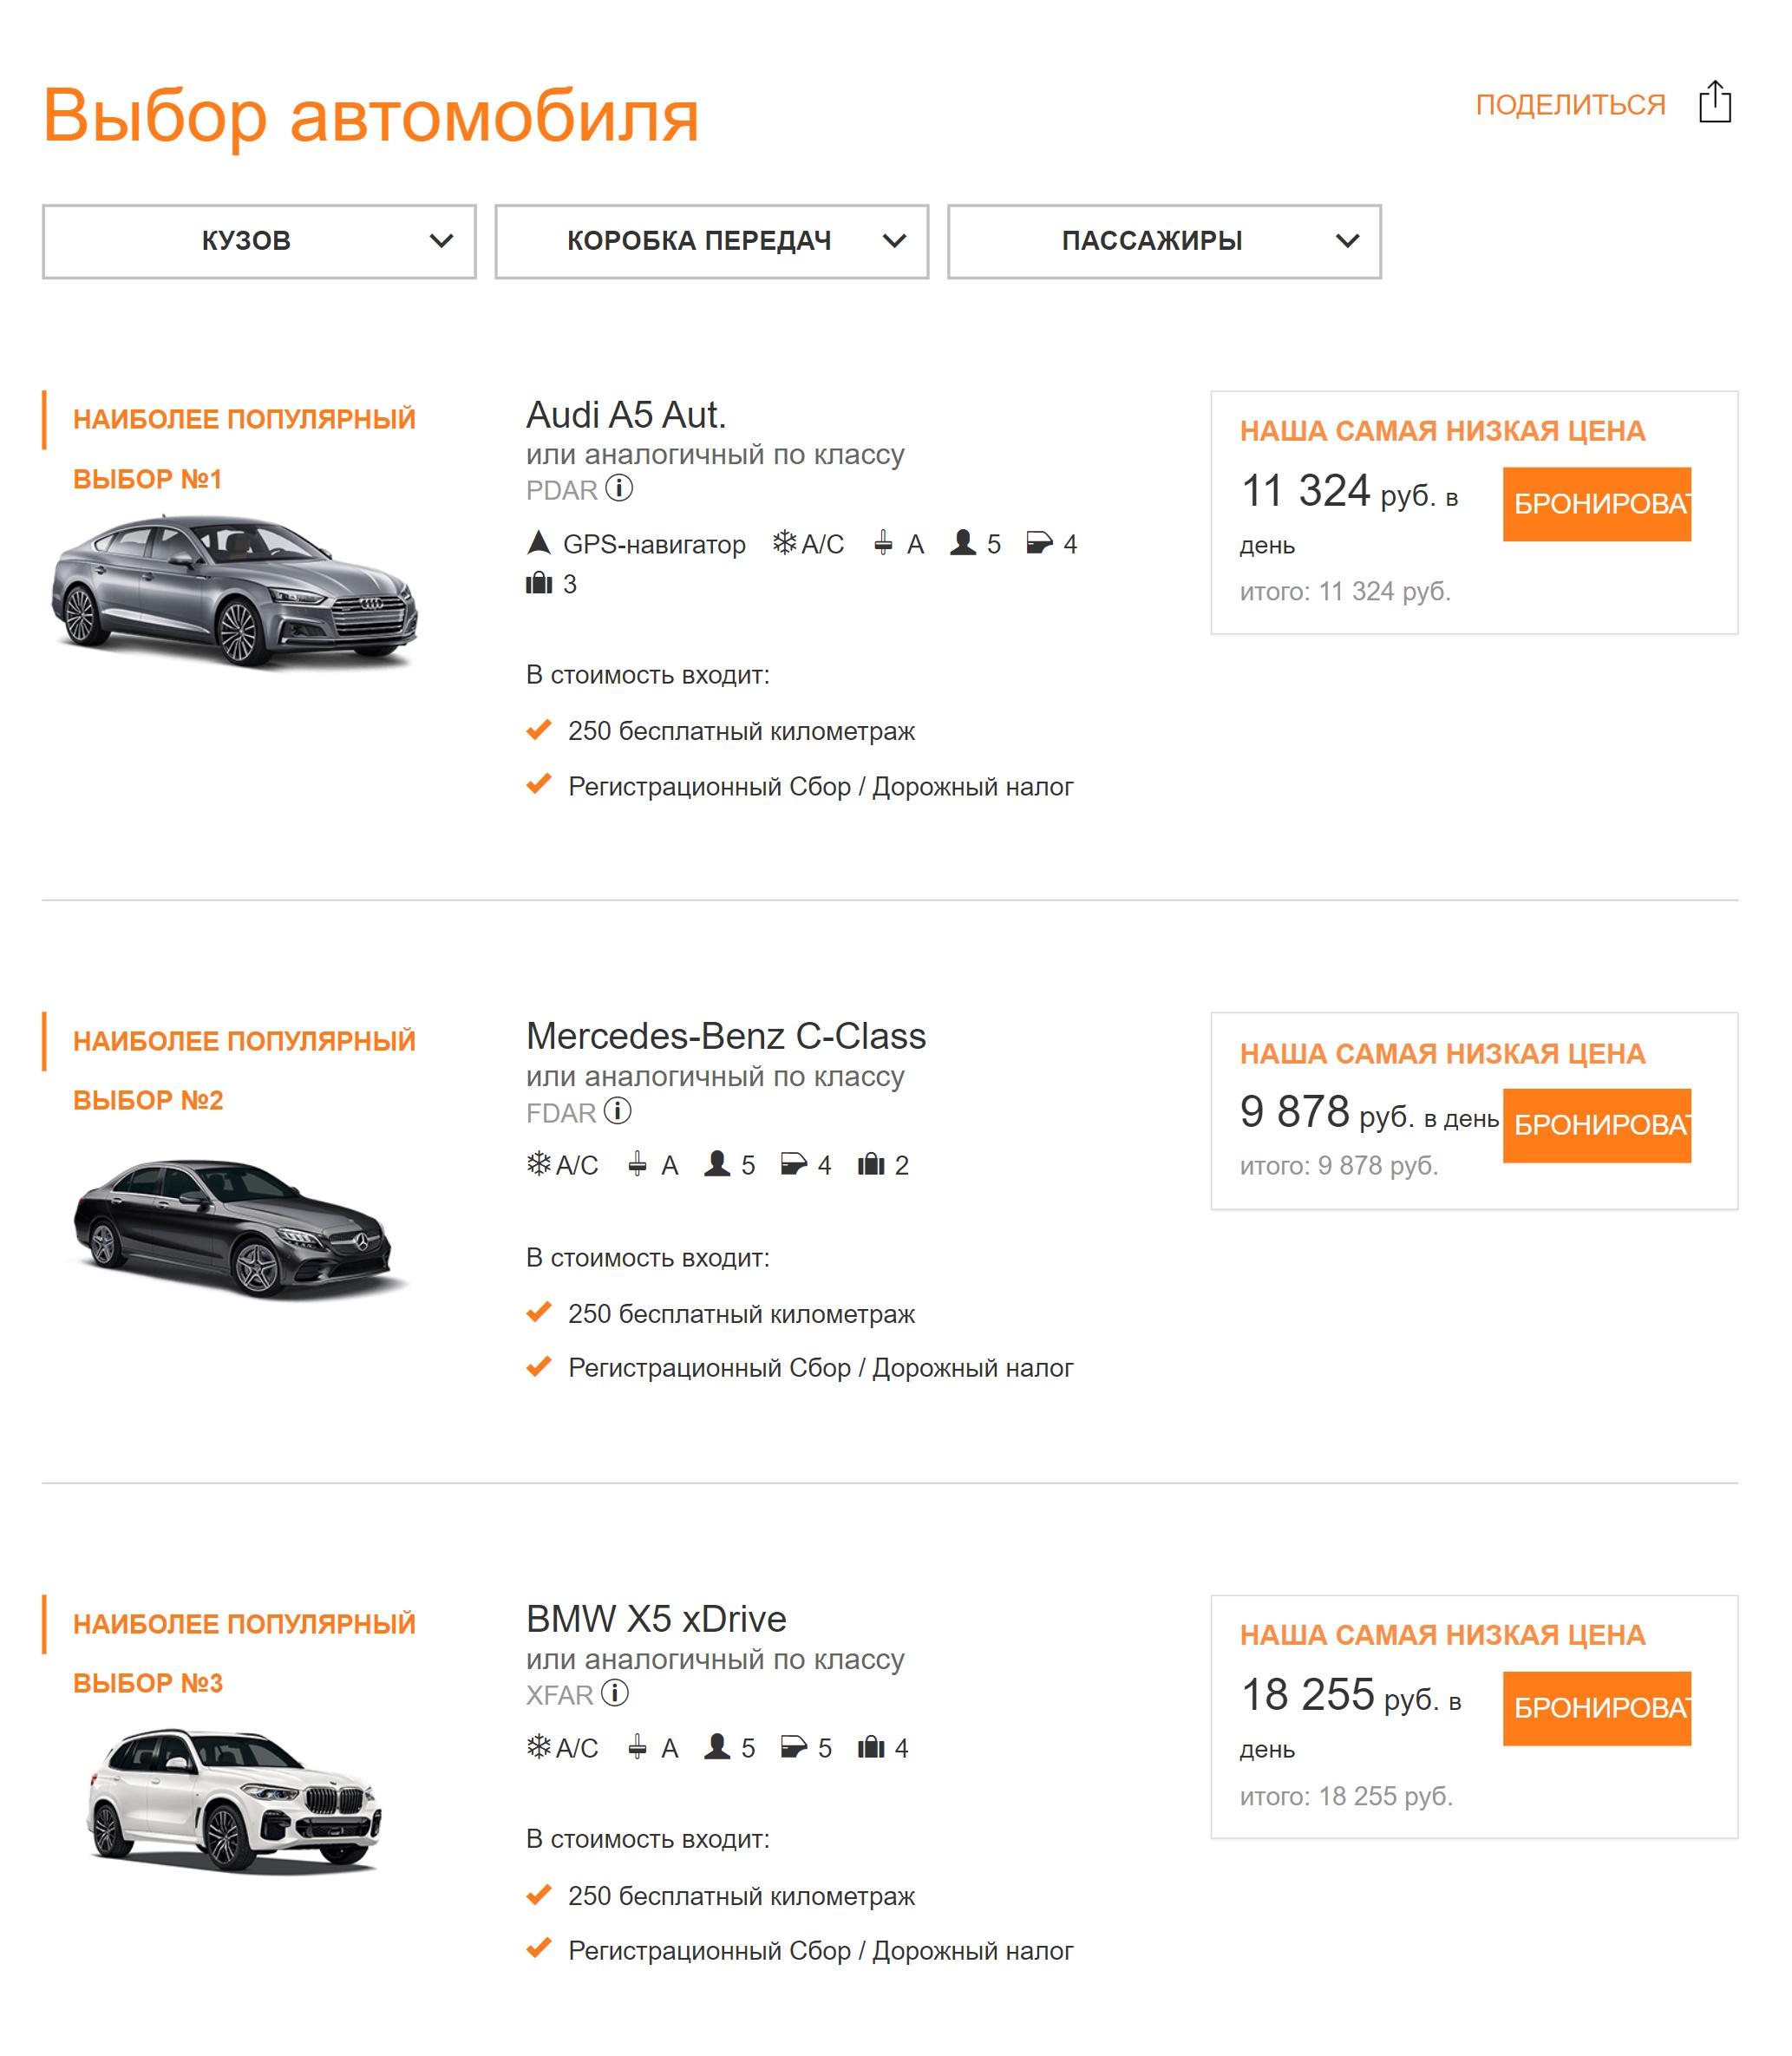 Цены на аренду автомобилей в «Сиксте»